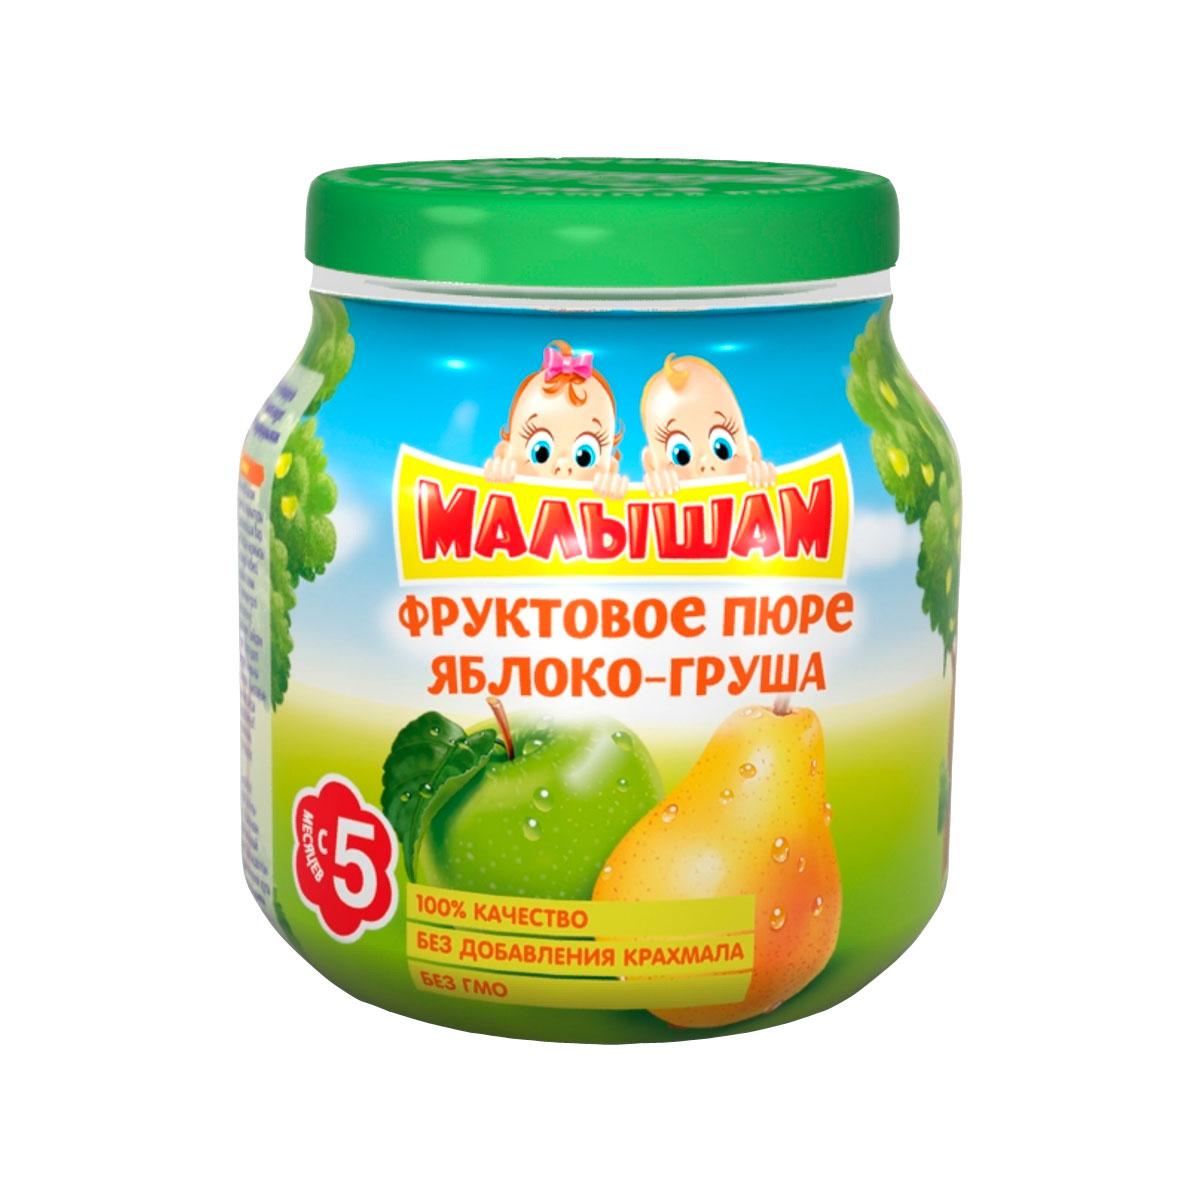 Пюре Малышам фруктовое 100 гр Яблоко груша (с 5 мес)<br>